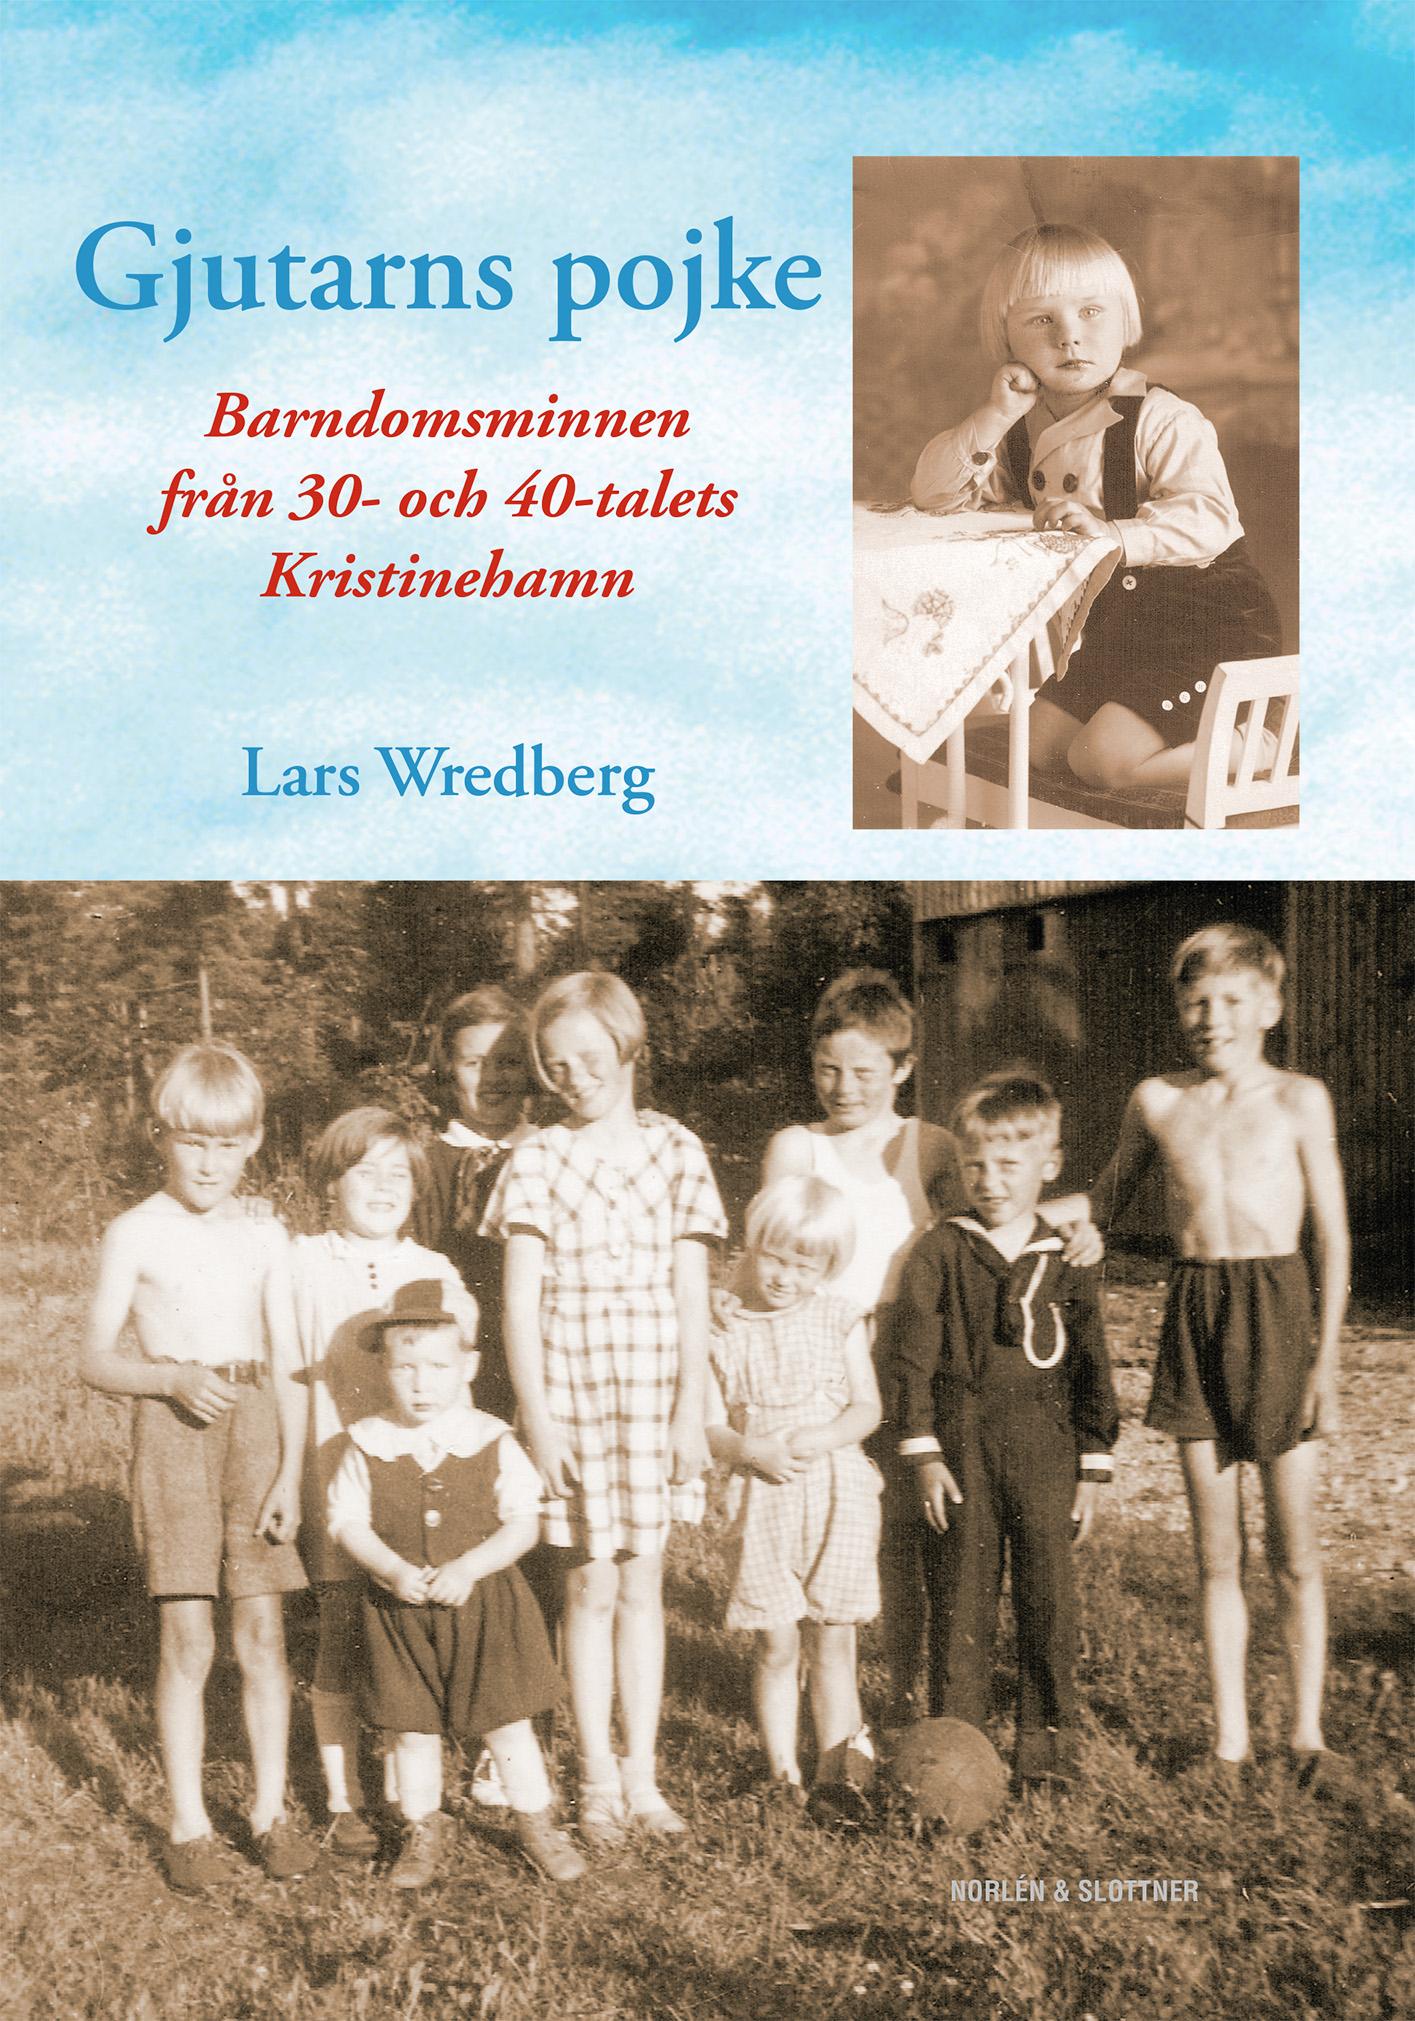 Gjutarns pojke – barndomsminnen från 30- och 40-talets Kristinehamn-0